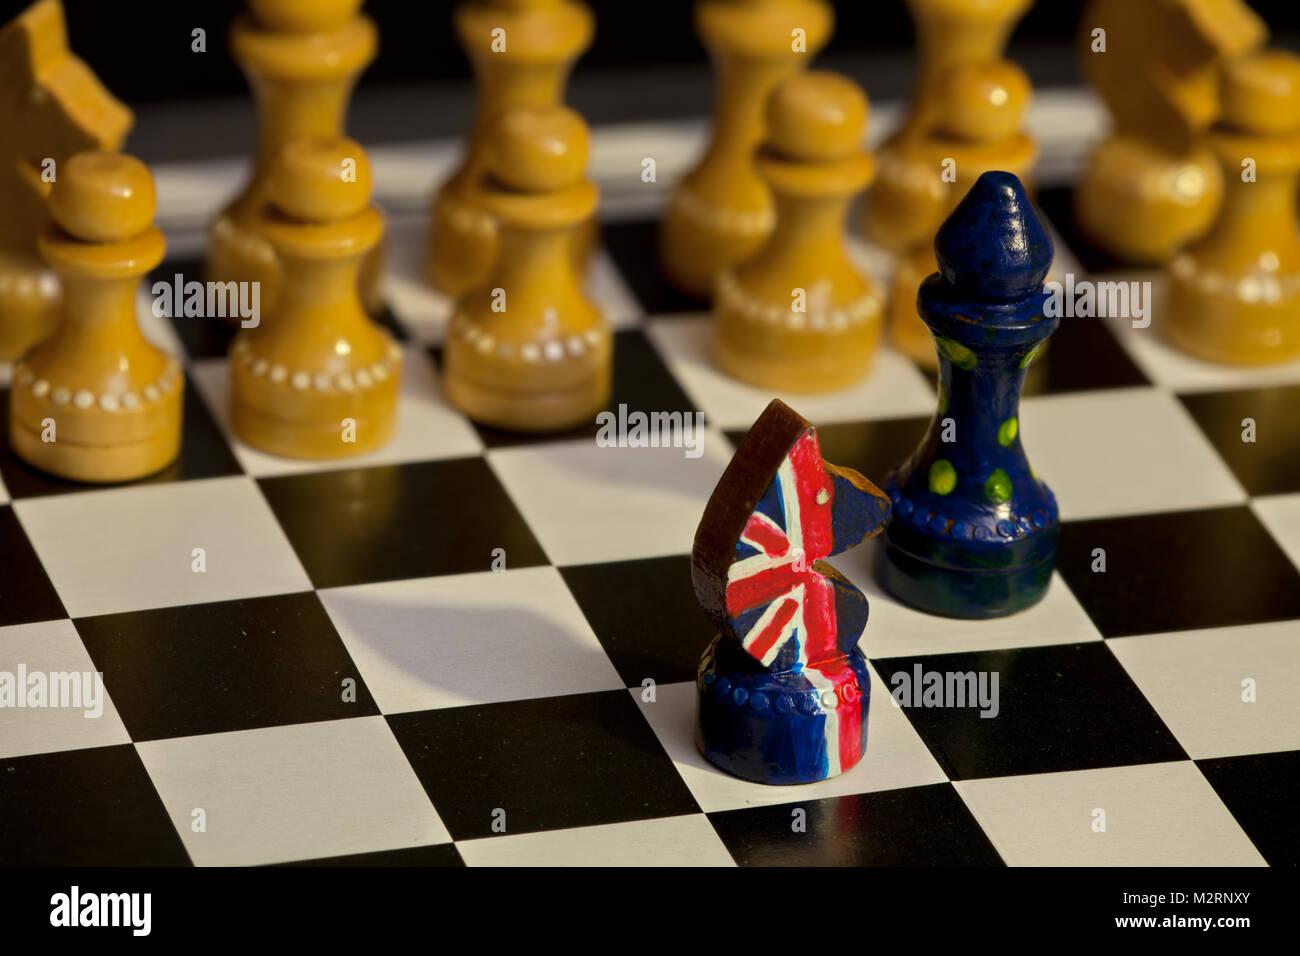 Juego de ajedrez de Gran Bretaña y la Unión Europea la confrontación Imagen De Stock